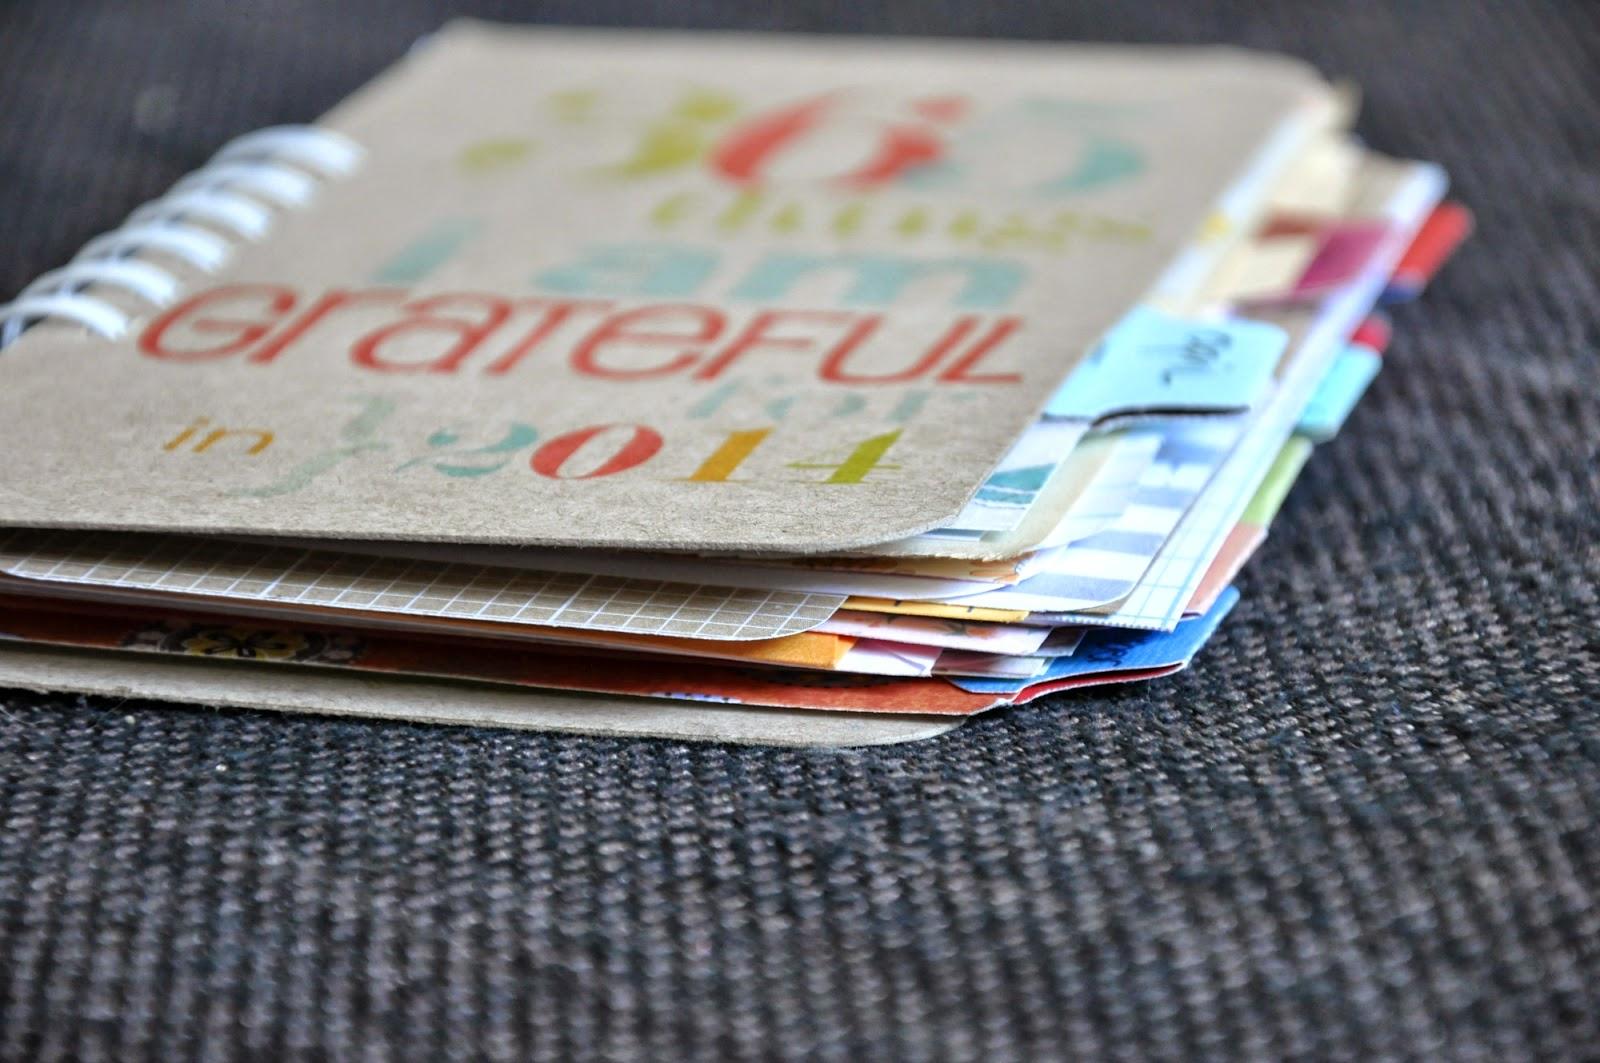 #iloveitall #gratitude #gratitude journal #mini album #scrapbooking #grateful #365